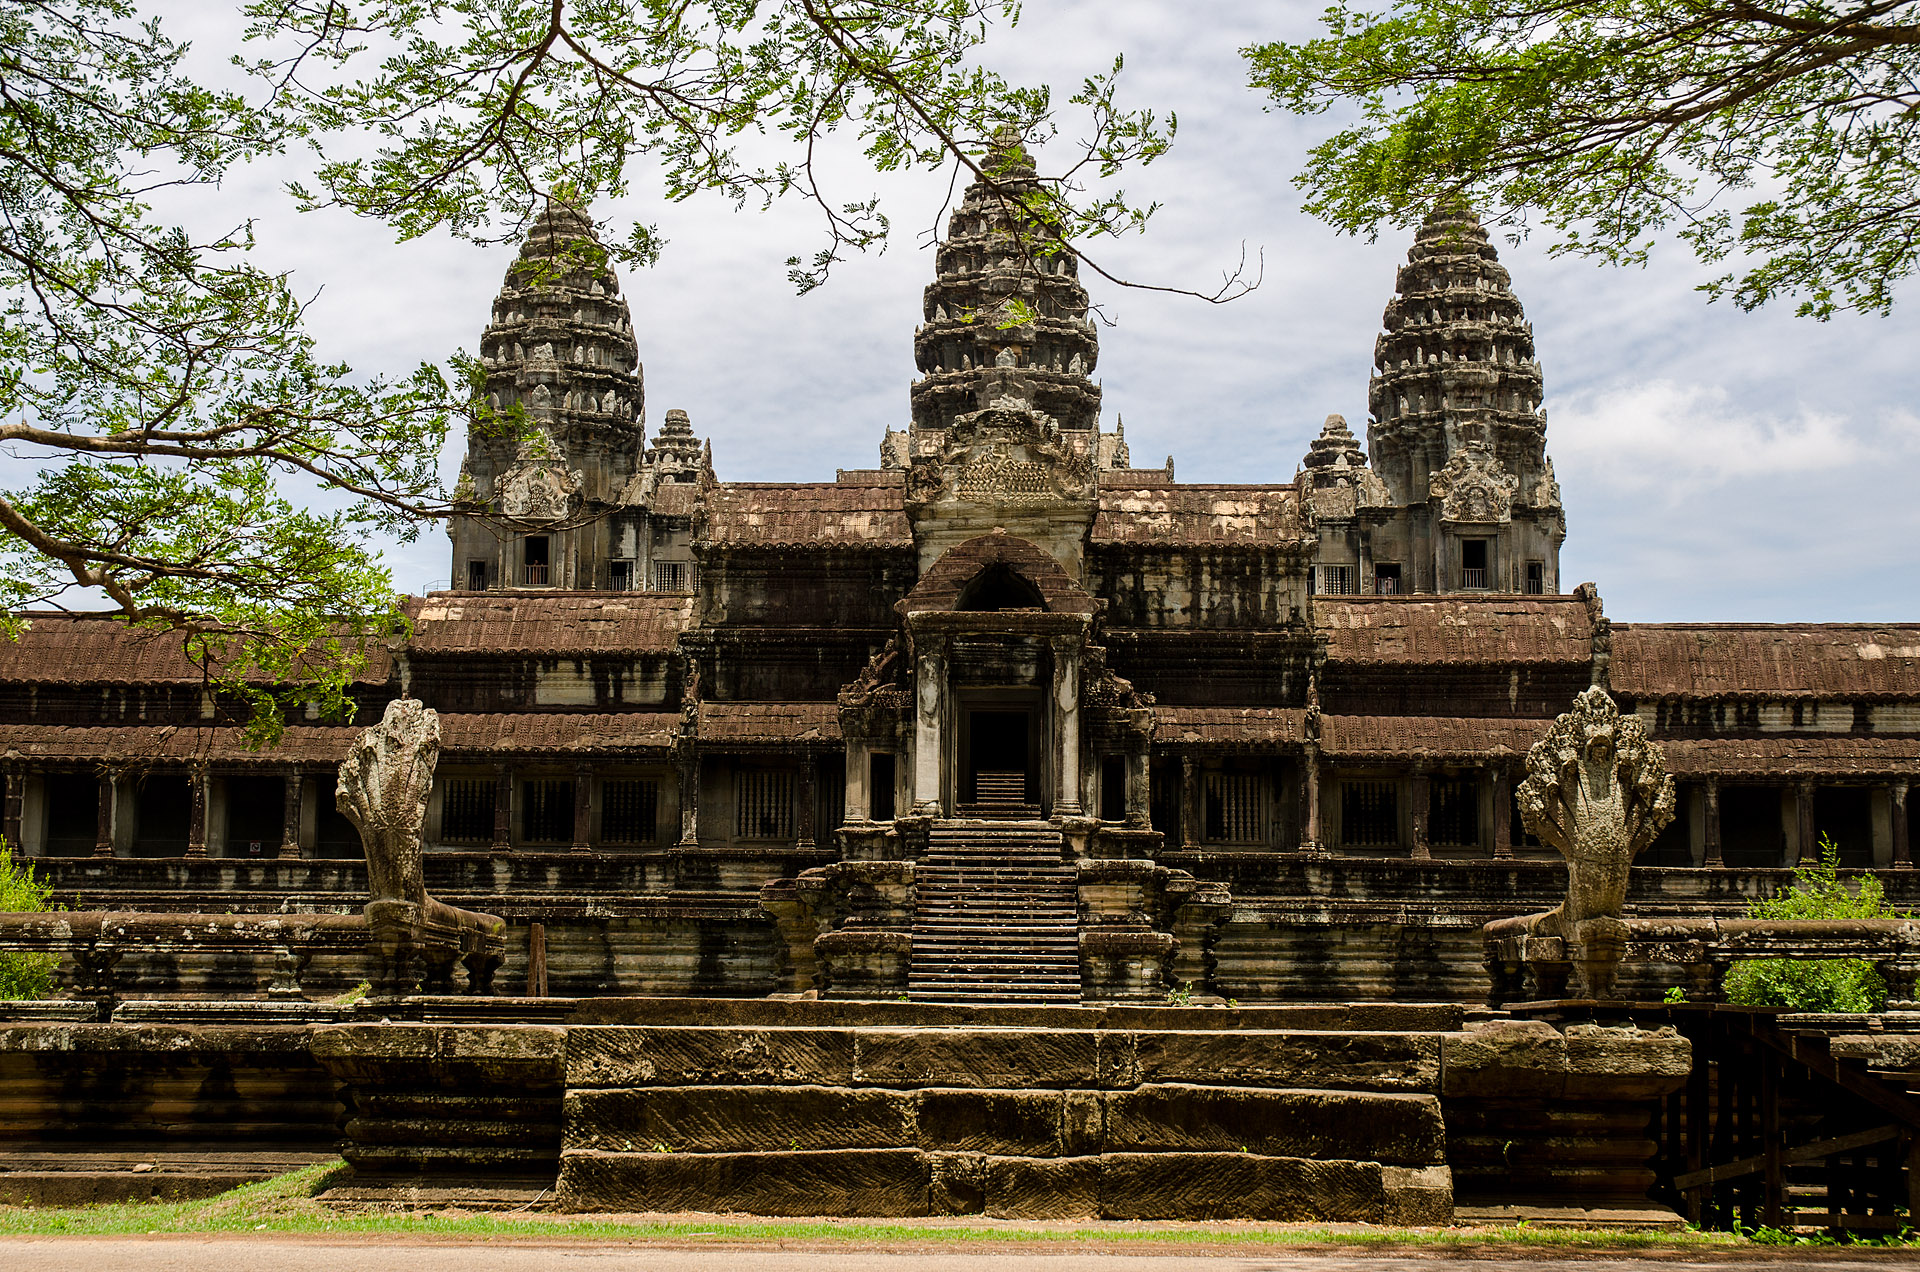 Angkor Wat from north gate